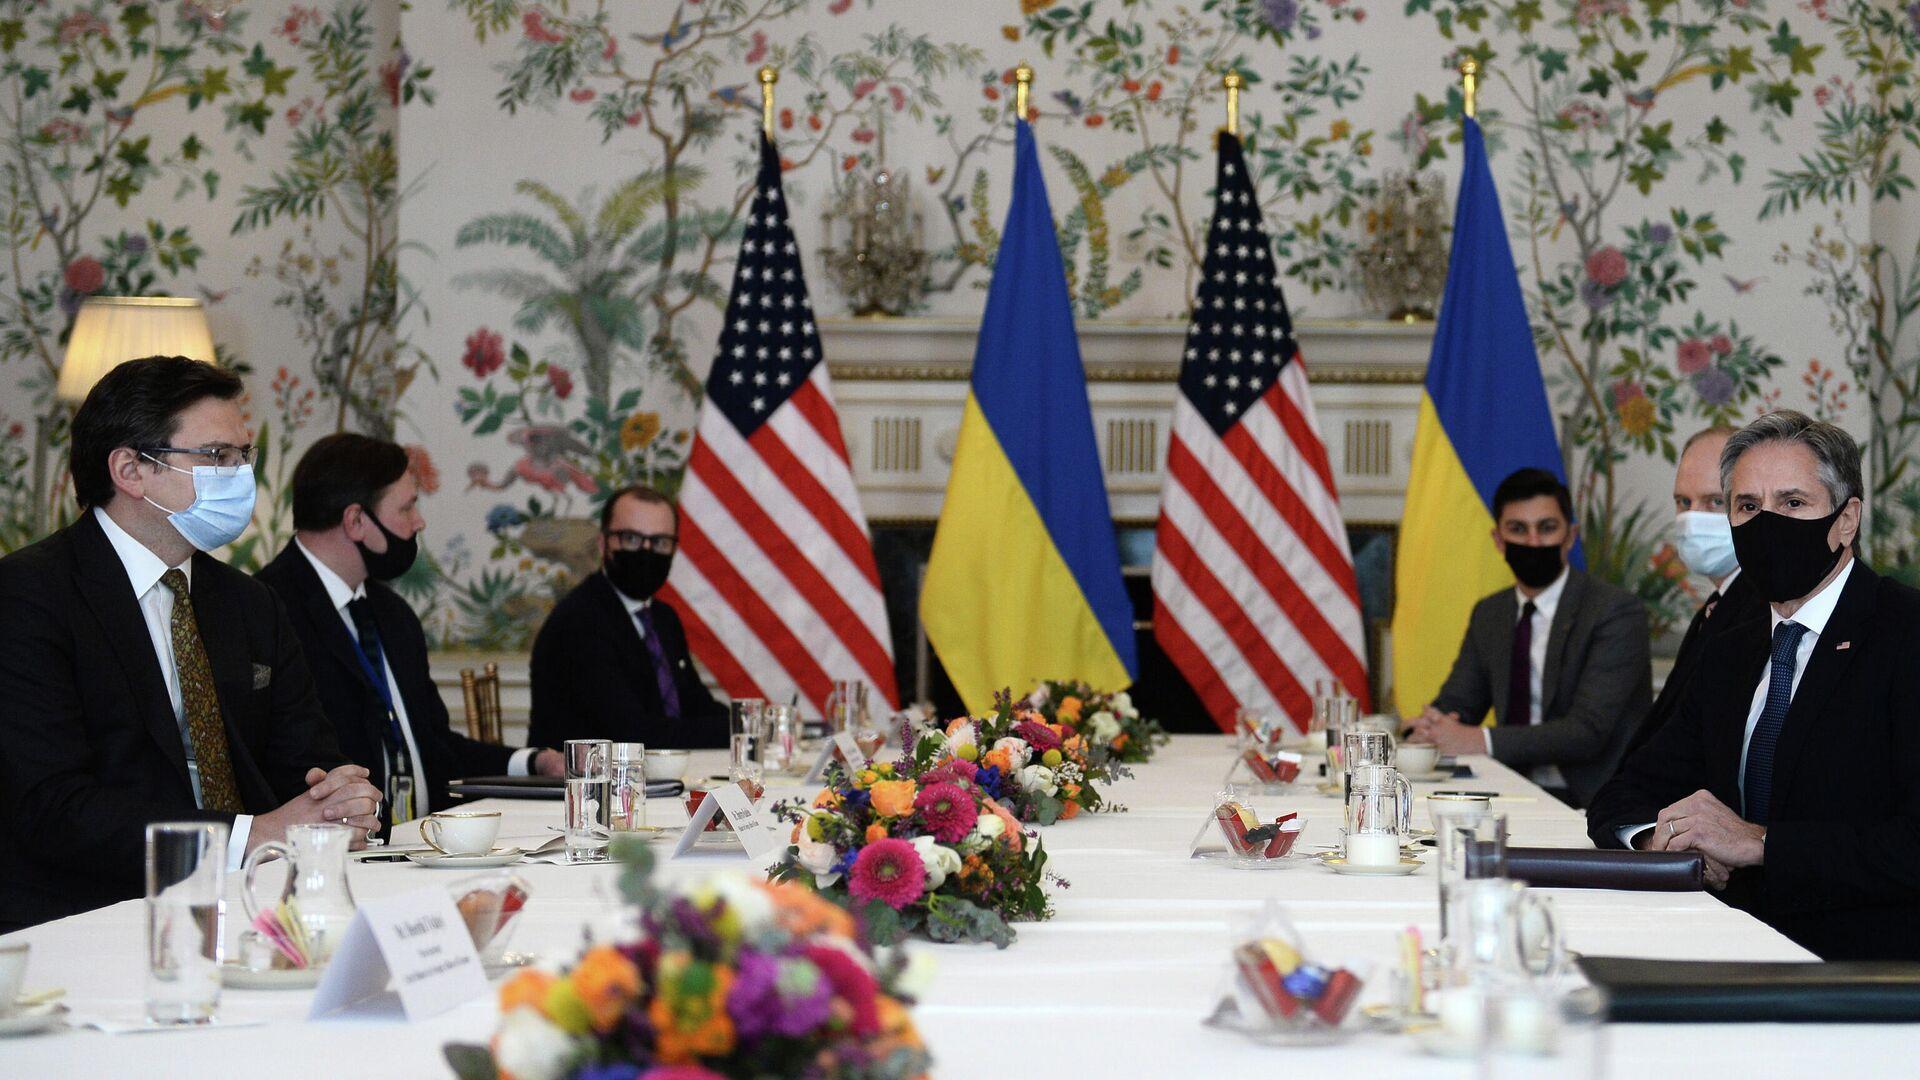 Министр иностранных дел Украины Дмитрий Кулеба во время встречи с госсекретарем США Энтони Блинкеном в Брюсселе - РИА Новости, 1920, 22.04.2021